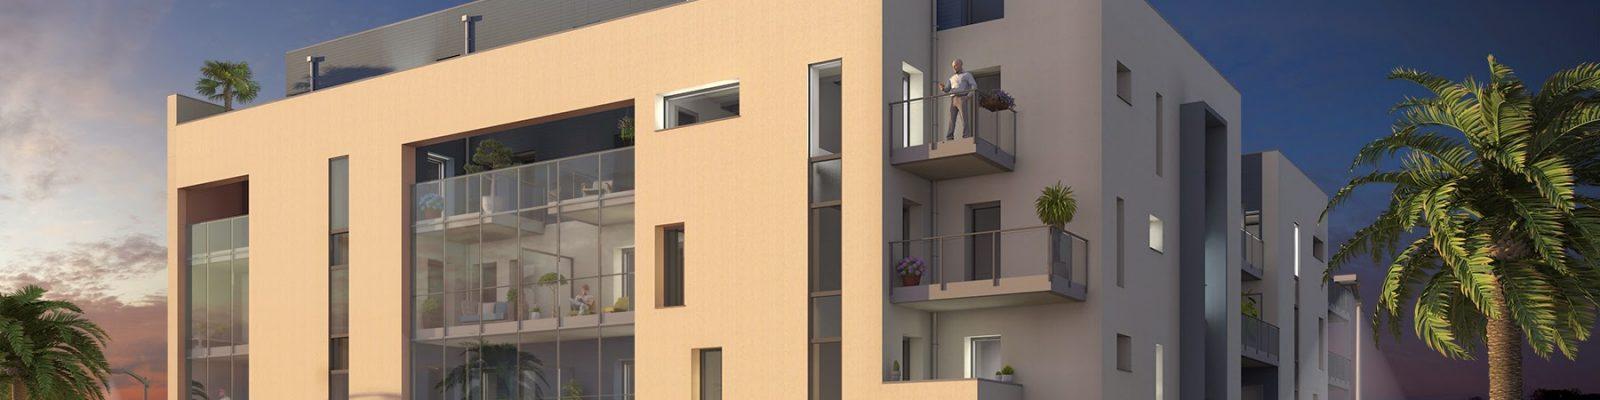 Comment Se Deroule Une Vente Immobiliere